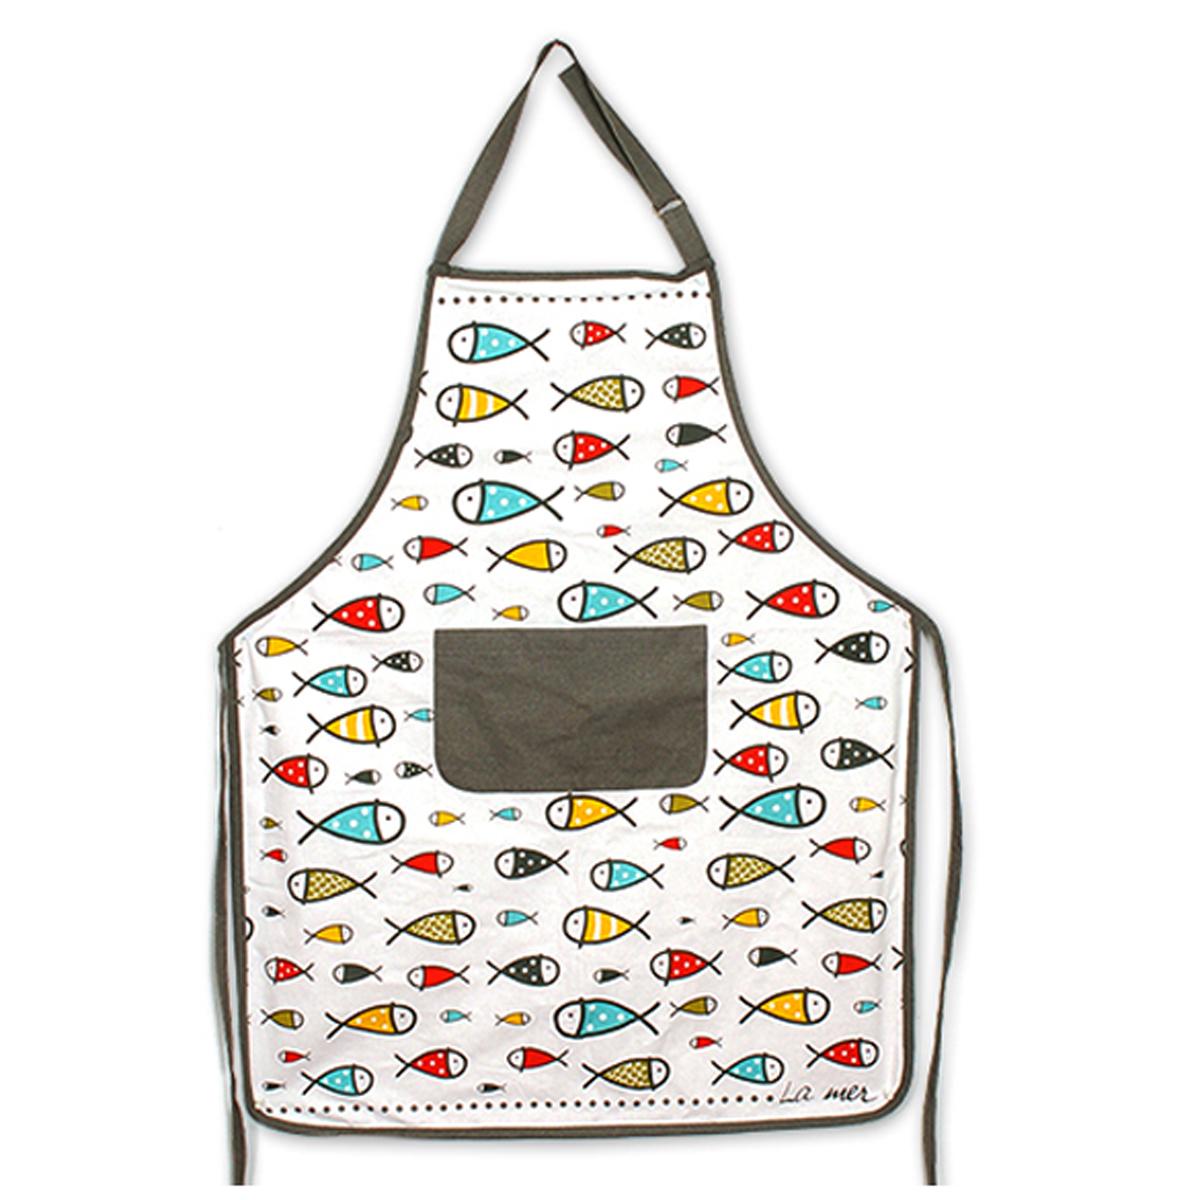 Tablier de cuisine coton \'Poissons - La mer\' multicolore - 90x70 cm - [A1120]